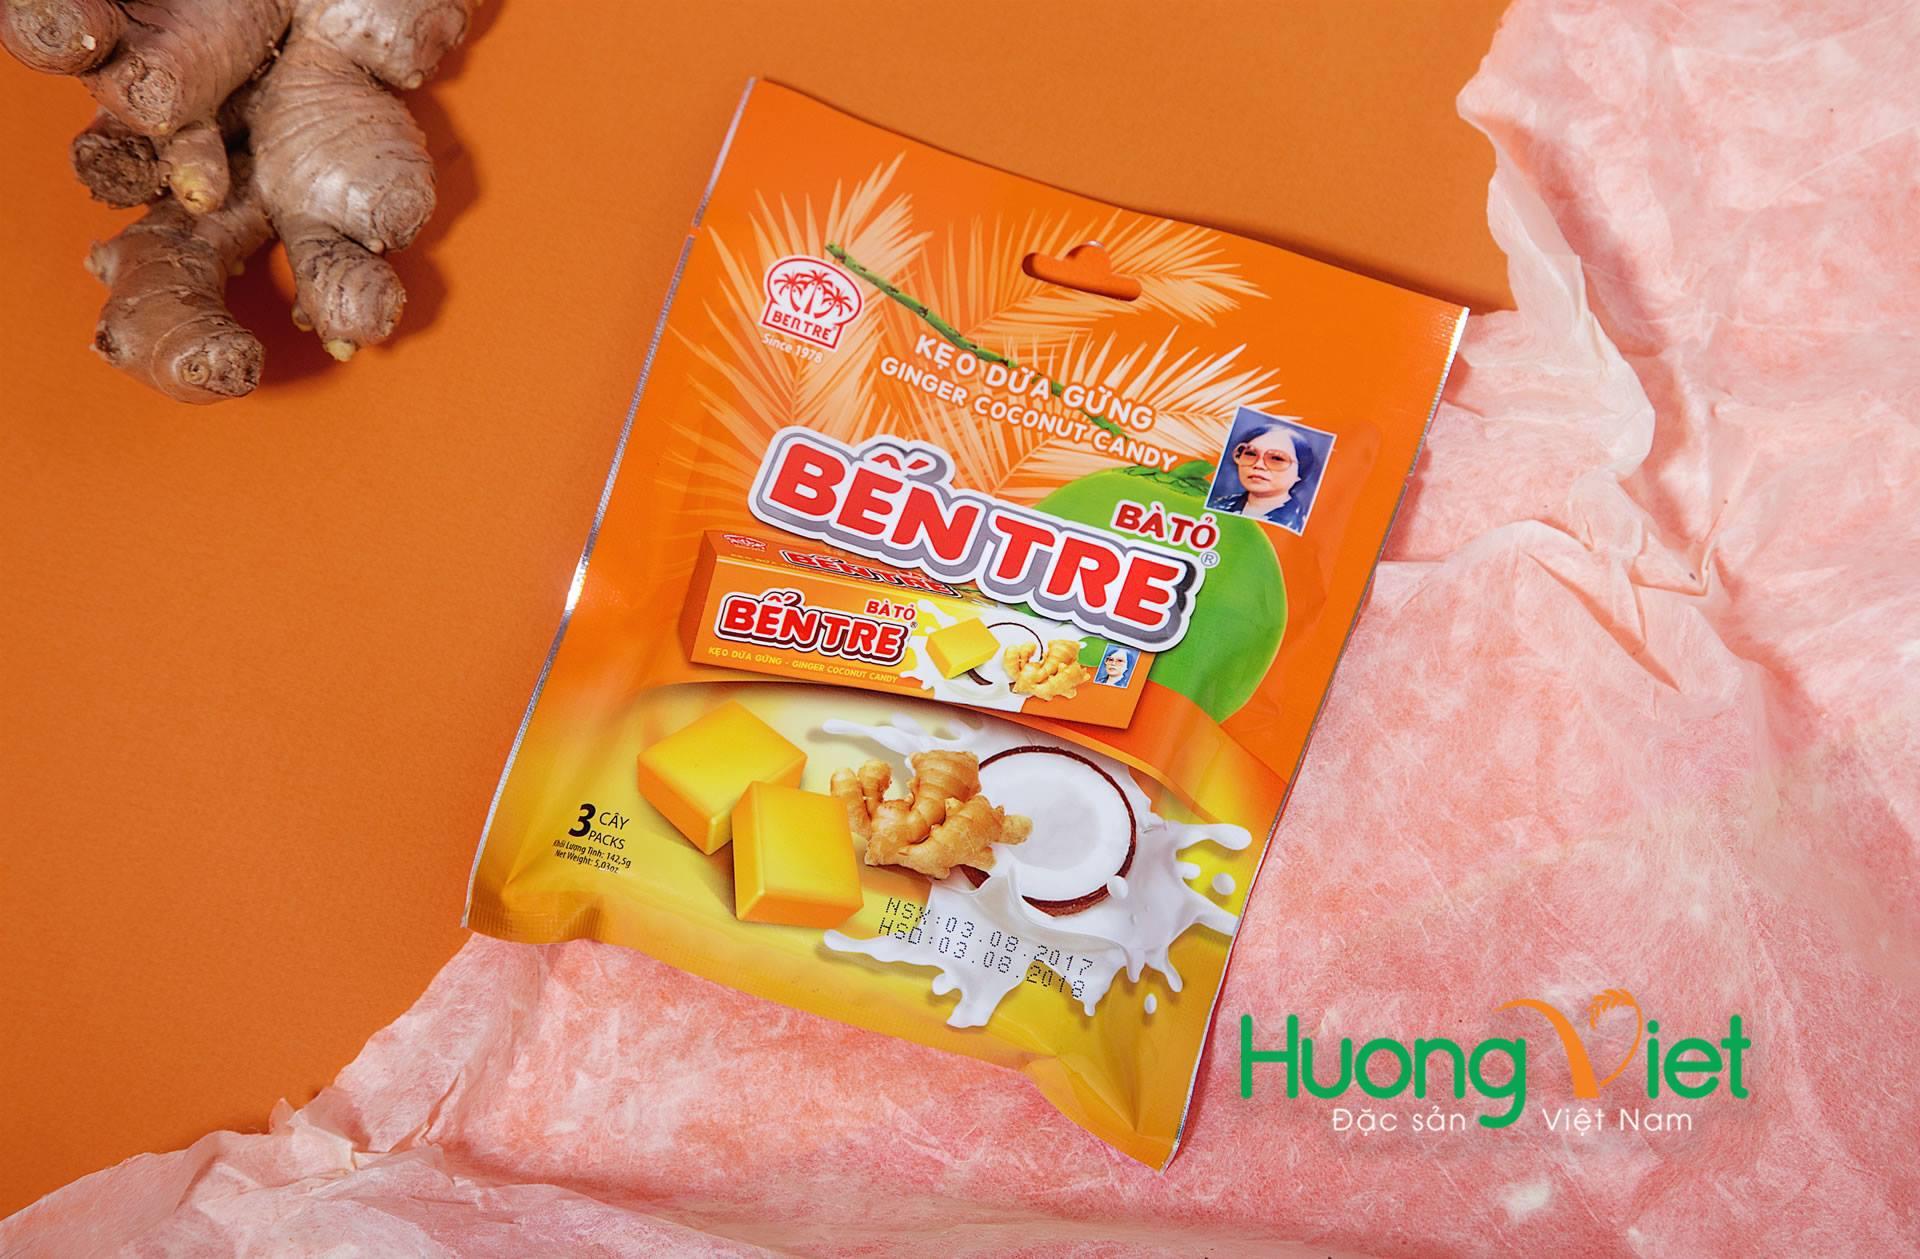 keo-dua-ben-tre (2)